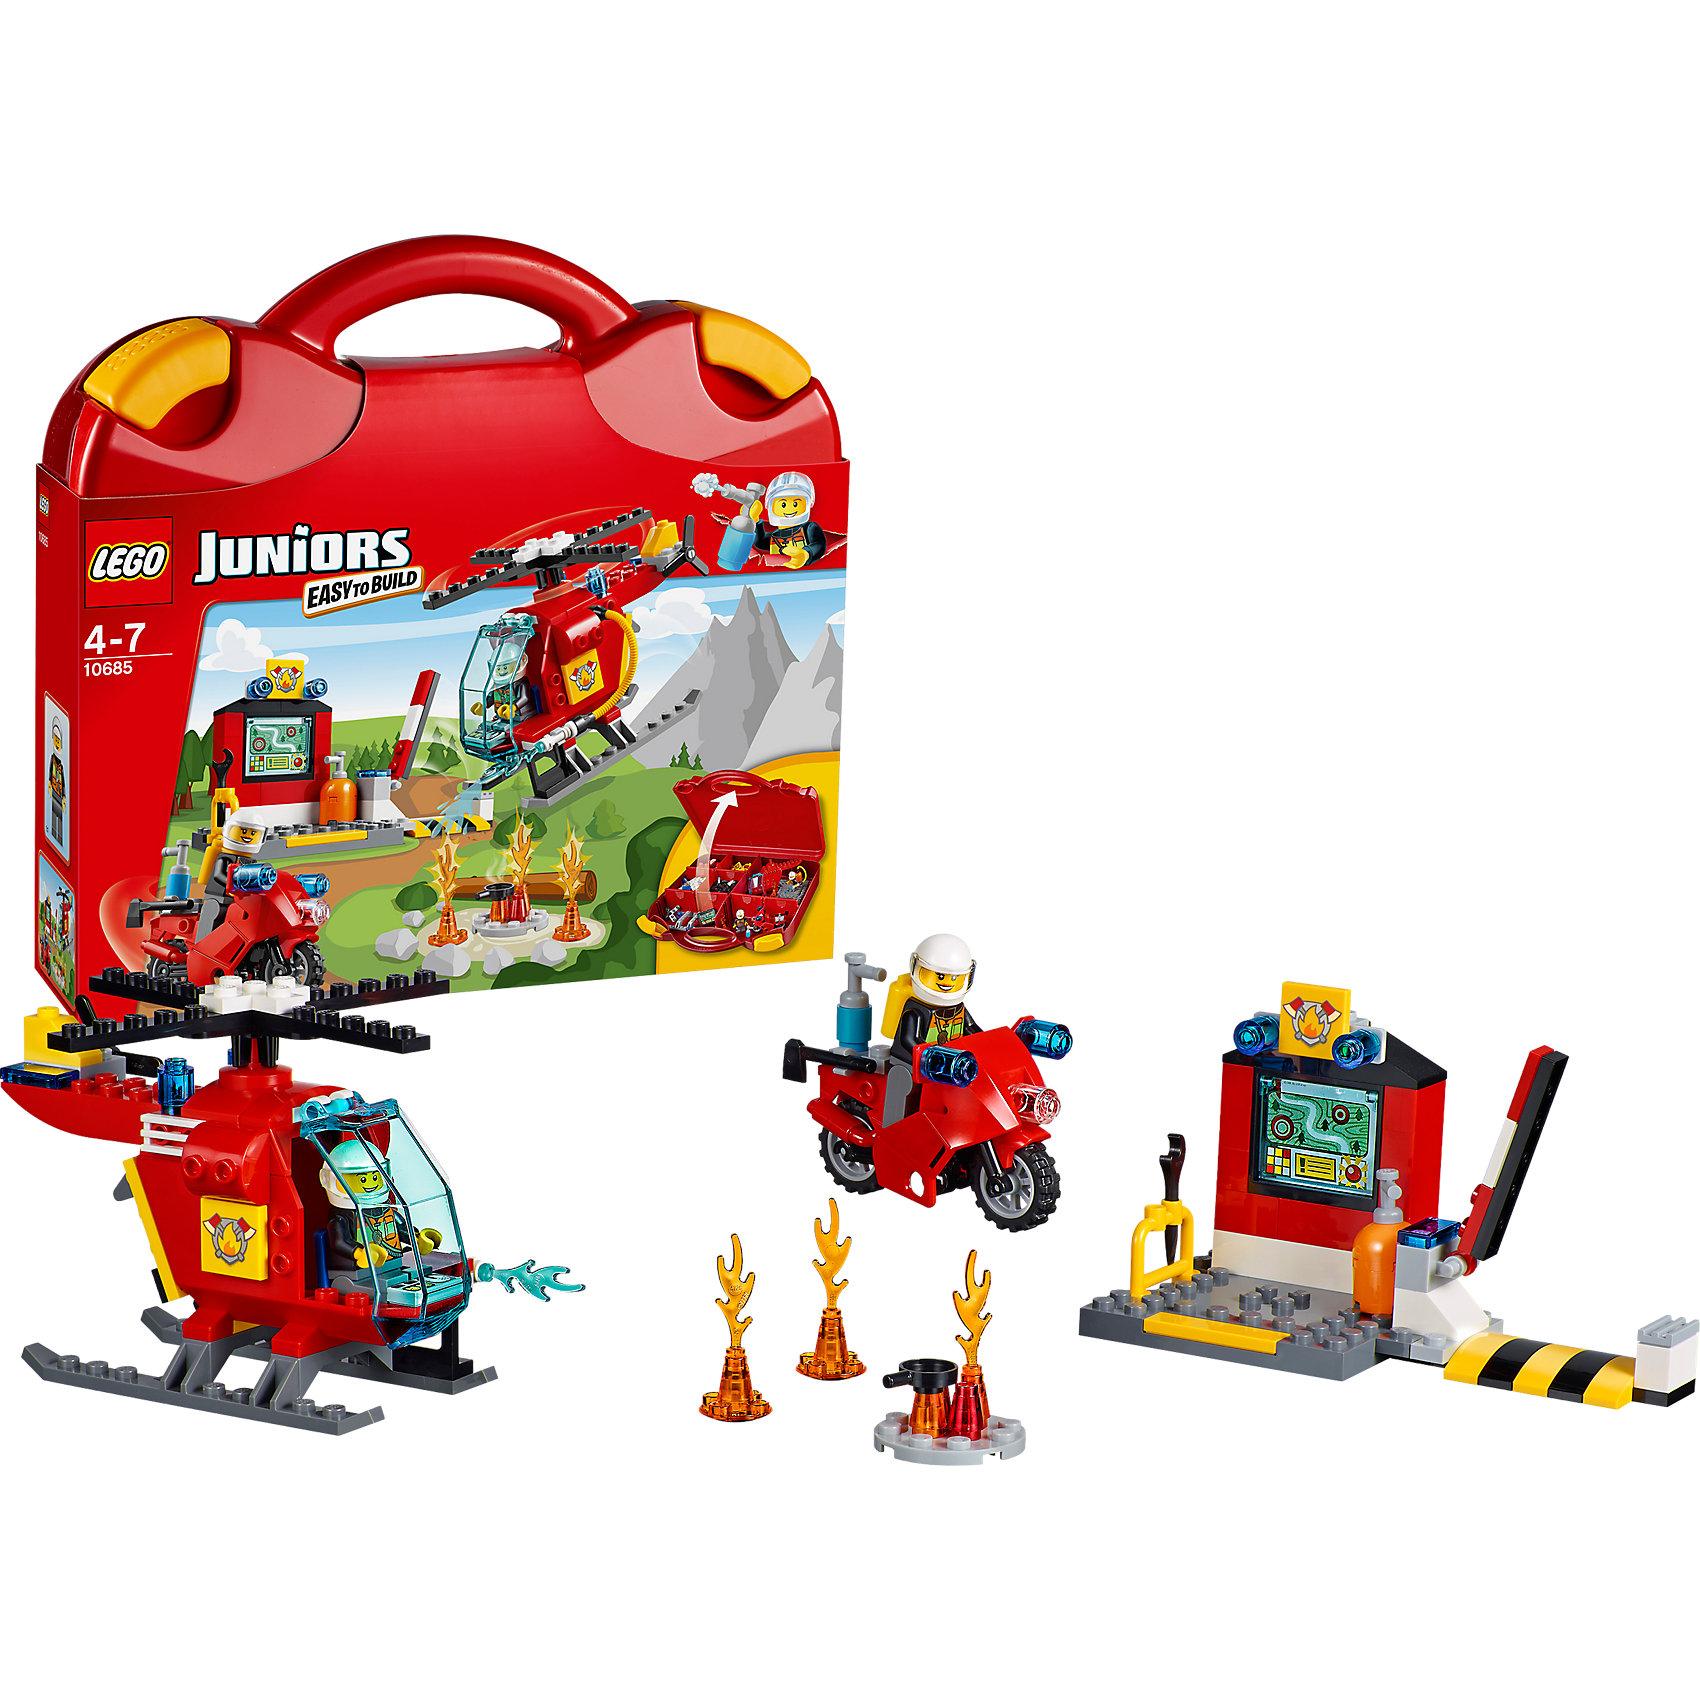 LEGO Juniors 10685: Чемоданчик «Пожар»Конструктор LEGO Juniors (ЛЕГО Джуниорс) 10685: Чемоданчик «Пожар» поможет малышам разыграть интересные истории из городской жизни. В удобном и компактном чемоданчике ребенок найдет множество аксессуаров, которые сделают игру по-настоящему увлекательной и реалистичной. Пожар может начаться в любой части города. Информация о местонахождении возгорания тут же посылается на мобильный пожарный пункт, где располагается компьютер и инструменты. Бравый пожарный садится на суперскоростной мотоцикл и мчится к месту пожара. Если же возгорание обнаружено в труднодоступном месте, то в дело вступает пожарный вертолет, оборудованный по последнему слову техники. Берите чемоданчик Пожар с собой в путешествие и на прогулку и Вам никогда не будет скучно в компании LEGO (ЛЕГО)!<br><br>Серия конструкторов LEGO Juniors (ЛЕГО Джуниорс) - специально разработаны для детей от 4 до 7 лет. Размер кубиков и деталей соответствует обычным размерам. При этом наборы очень просты в сборке. Понятные инструкции позволяют детям быстро получить результат и приступить к игре. Конструкторы этой серии прекрасно детализированы, яркие, прочные, имеют множество различных сюжетов - идеально подходят для реалистичных и познавательных игр.<br><br>Дополнительная информация:<br><br>- Игра с конструктором  LEGO (ЛЕГО) развивает мелкую моторику ребенка, фантазию и воображение, учит его усидчивости и внимательности;<br>- В комплекте: 2 минифигурки пожарных, шланг, струи воды, языки пламени, сковорода, топор, газовый ключ, огнетушитель, сигнальные огни и эмблема пожарных, детали набора; <br>- Количество деталей: 113 шт;<br>- Удобно хранить и брать с собой;<br>- Серия: LEGO Juniors (ЛЕГО Джуниорс);<br>- Материал: пластик;<br>- Размер упаковки: 28 х 26 х 6 см;<br>- Вес: 0,8 кг <br><br>Конструктор LEGO Juniors (ЛЕГО Джуниорс) 10685: Чемоданчик «Пожар» можно купить в нашем интернет-магазине.<br><br>Ширина мм: 286<br>Глубина мм: 266<br>Высота мм: 68<br>Вес г: 705<br>Возраст от месяцев